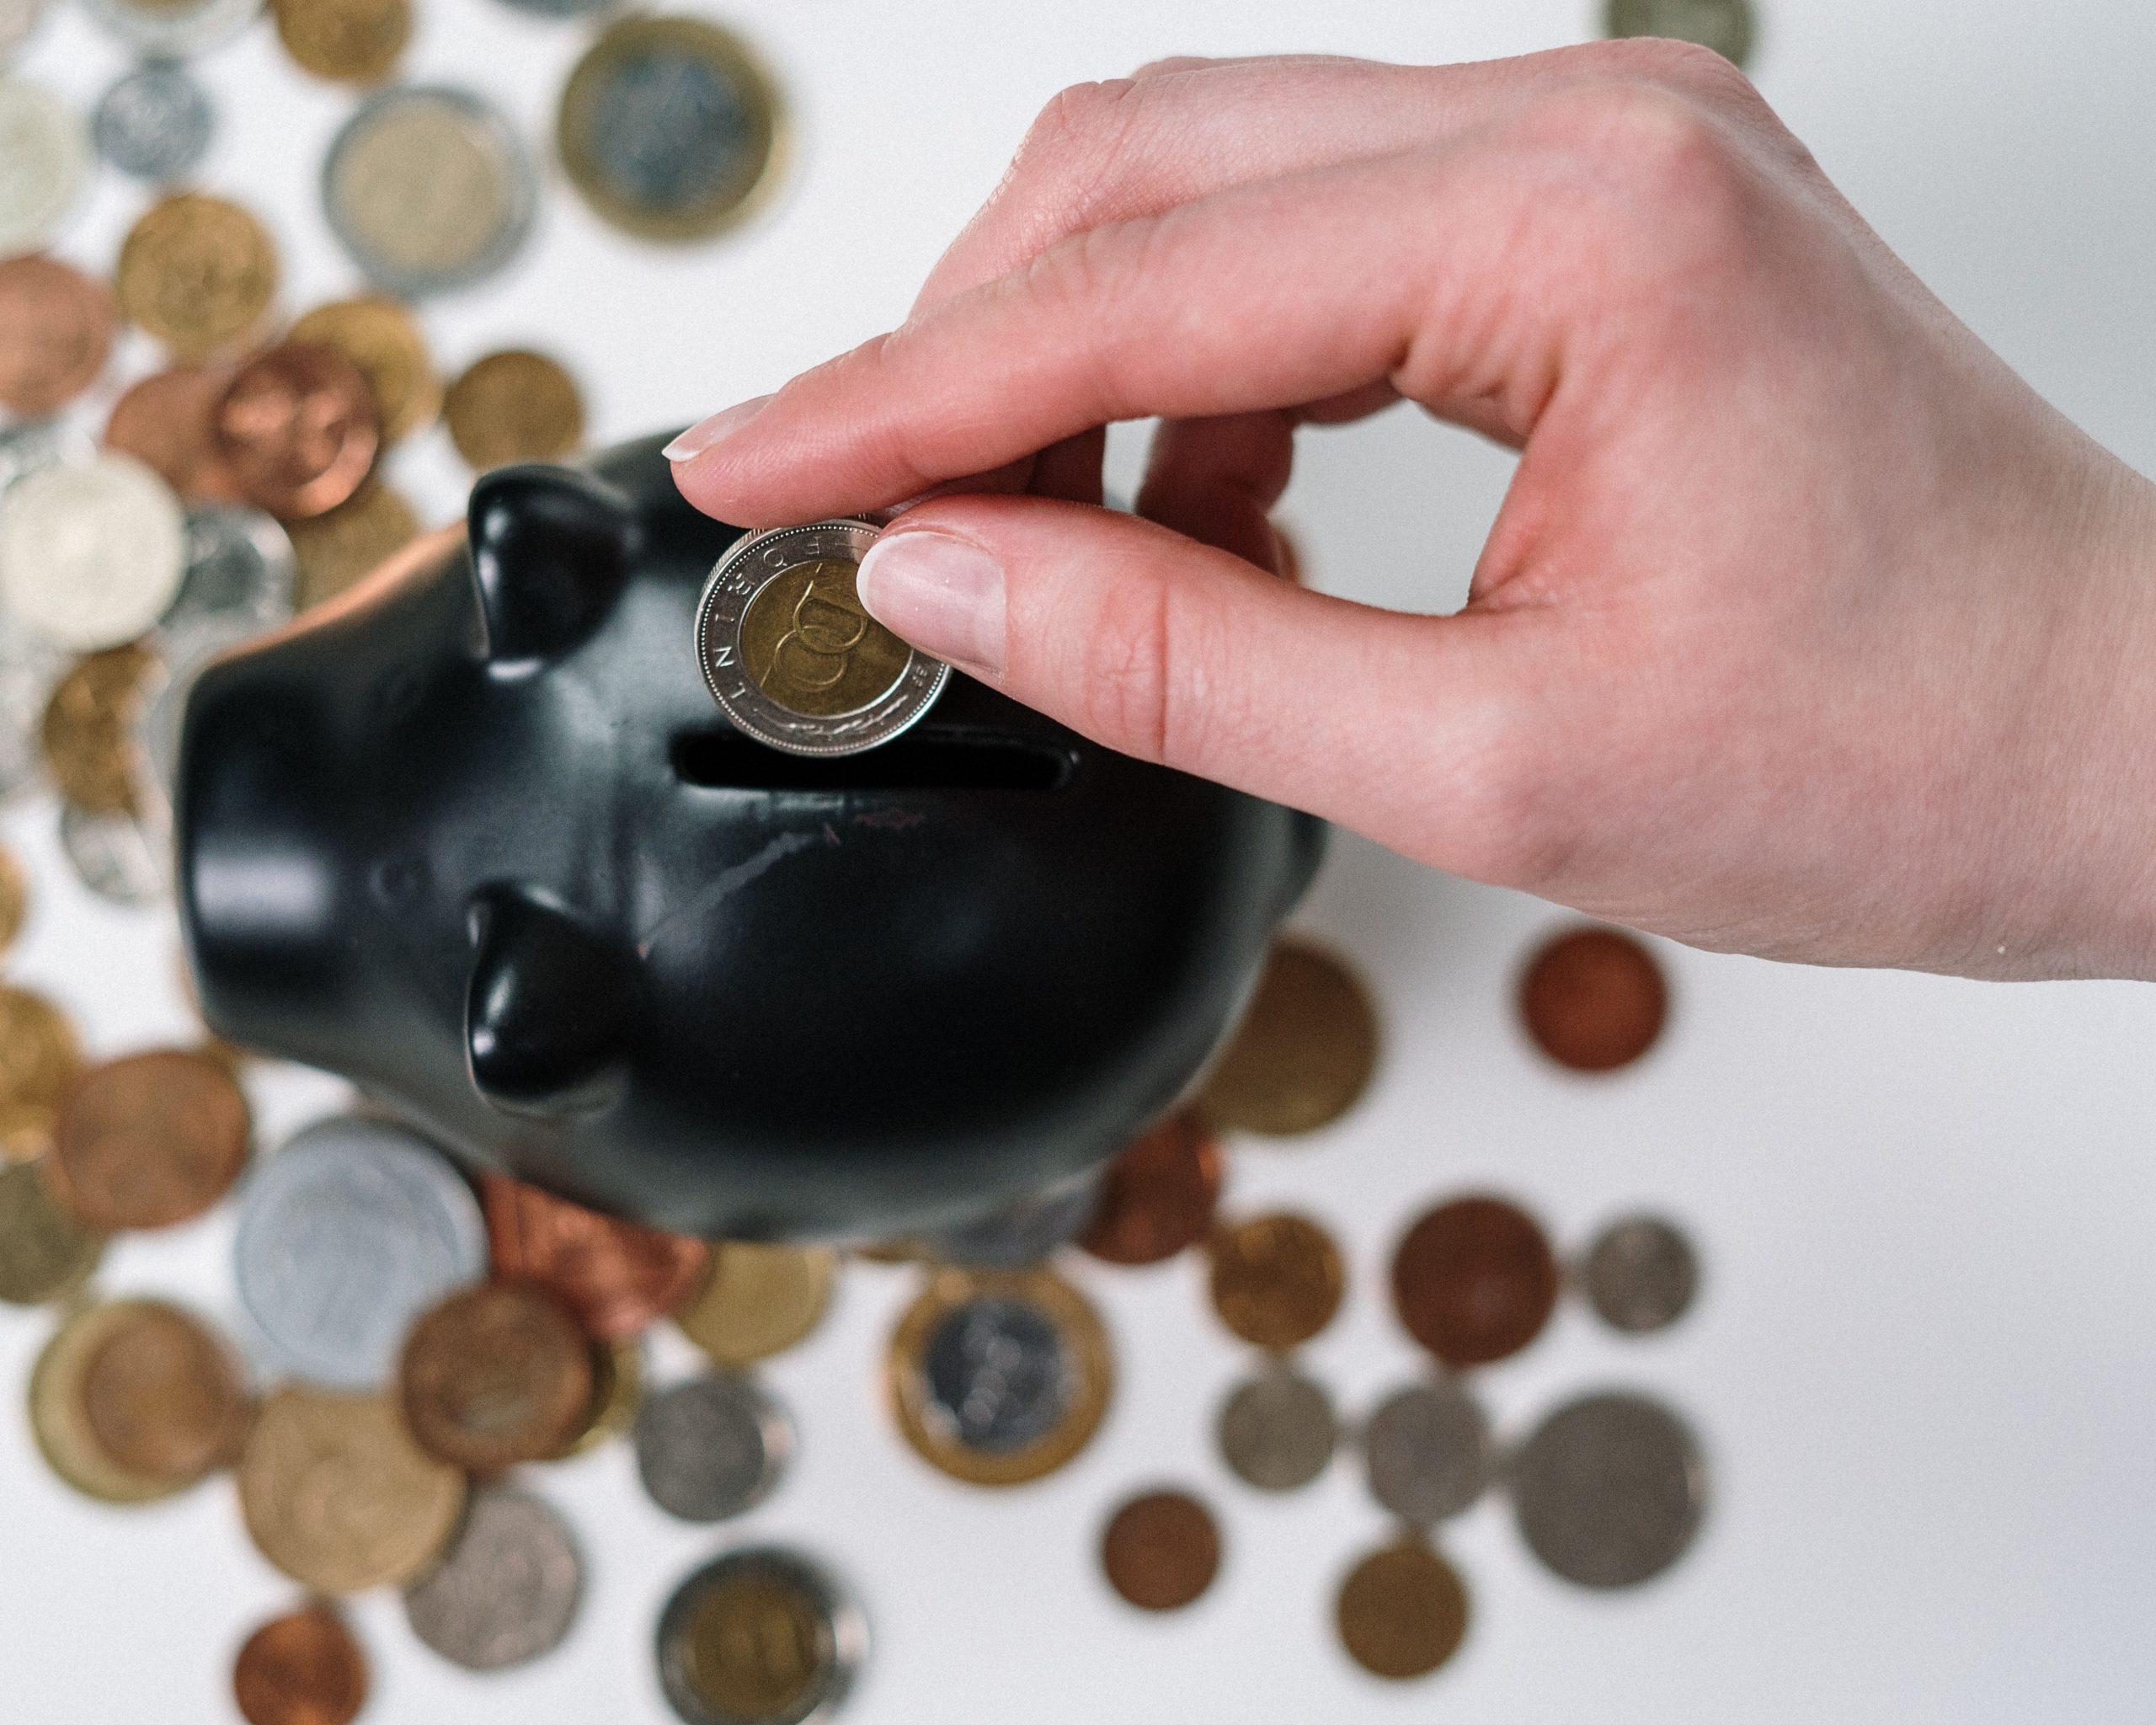 Je kunt je geld maar één keer uitgeven, kies dan ook bewust voor type en soort hulpmiddel.